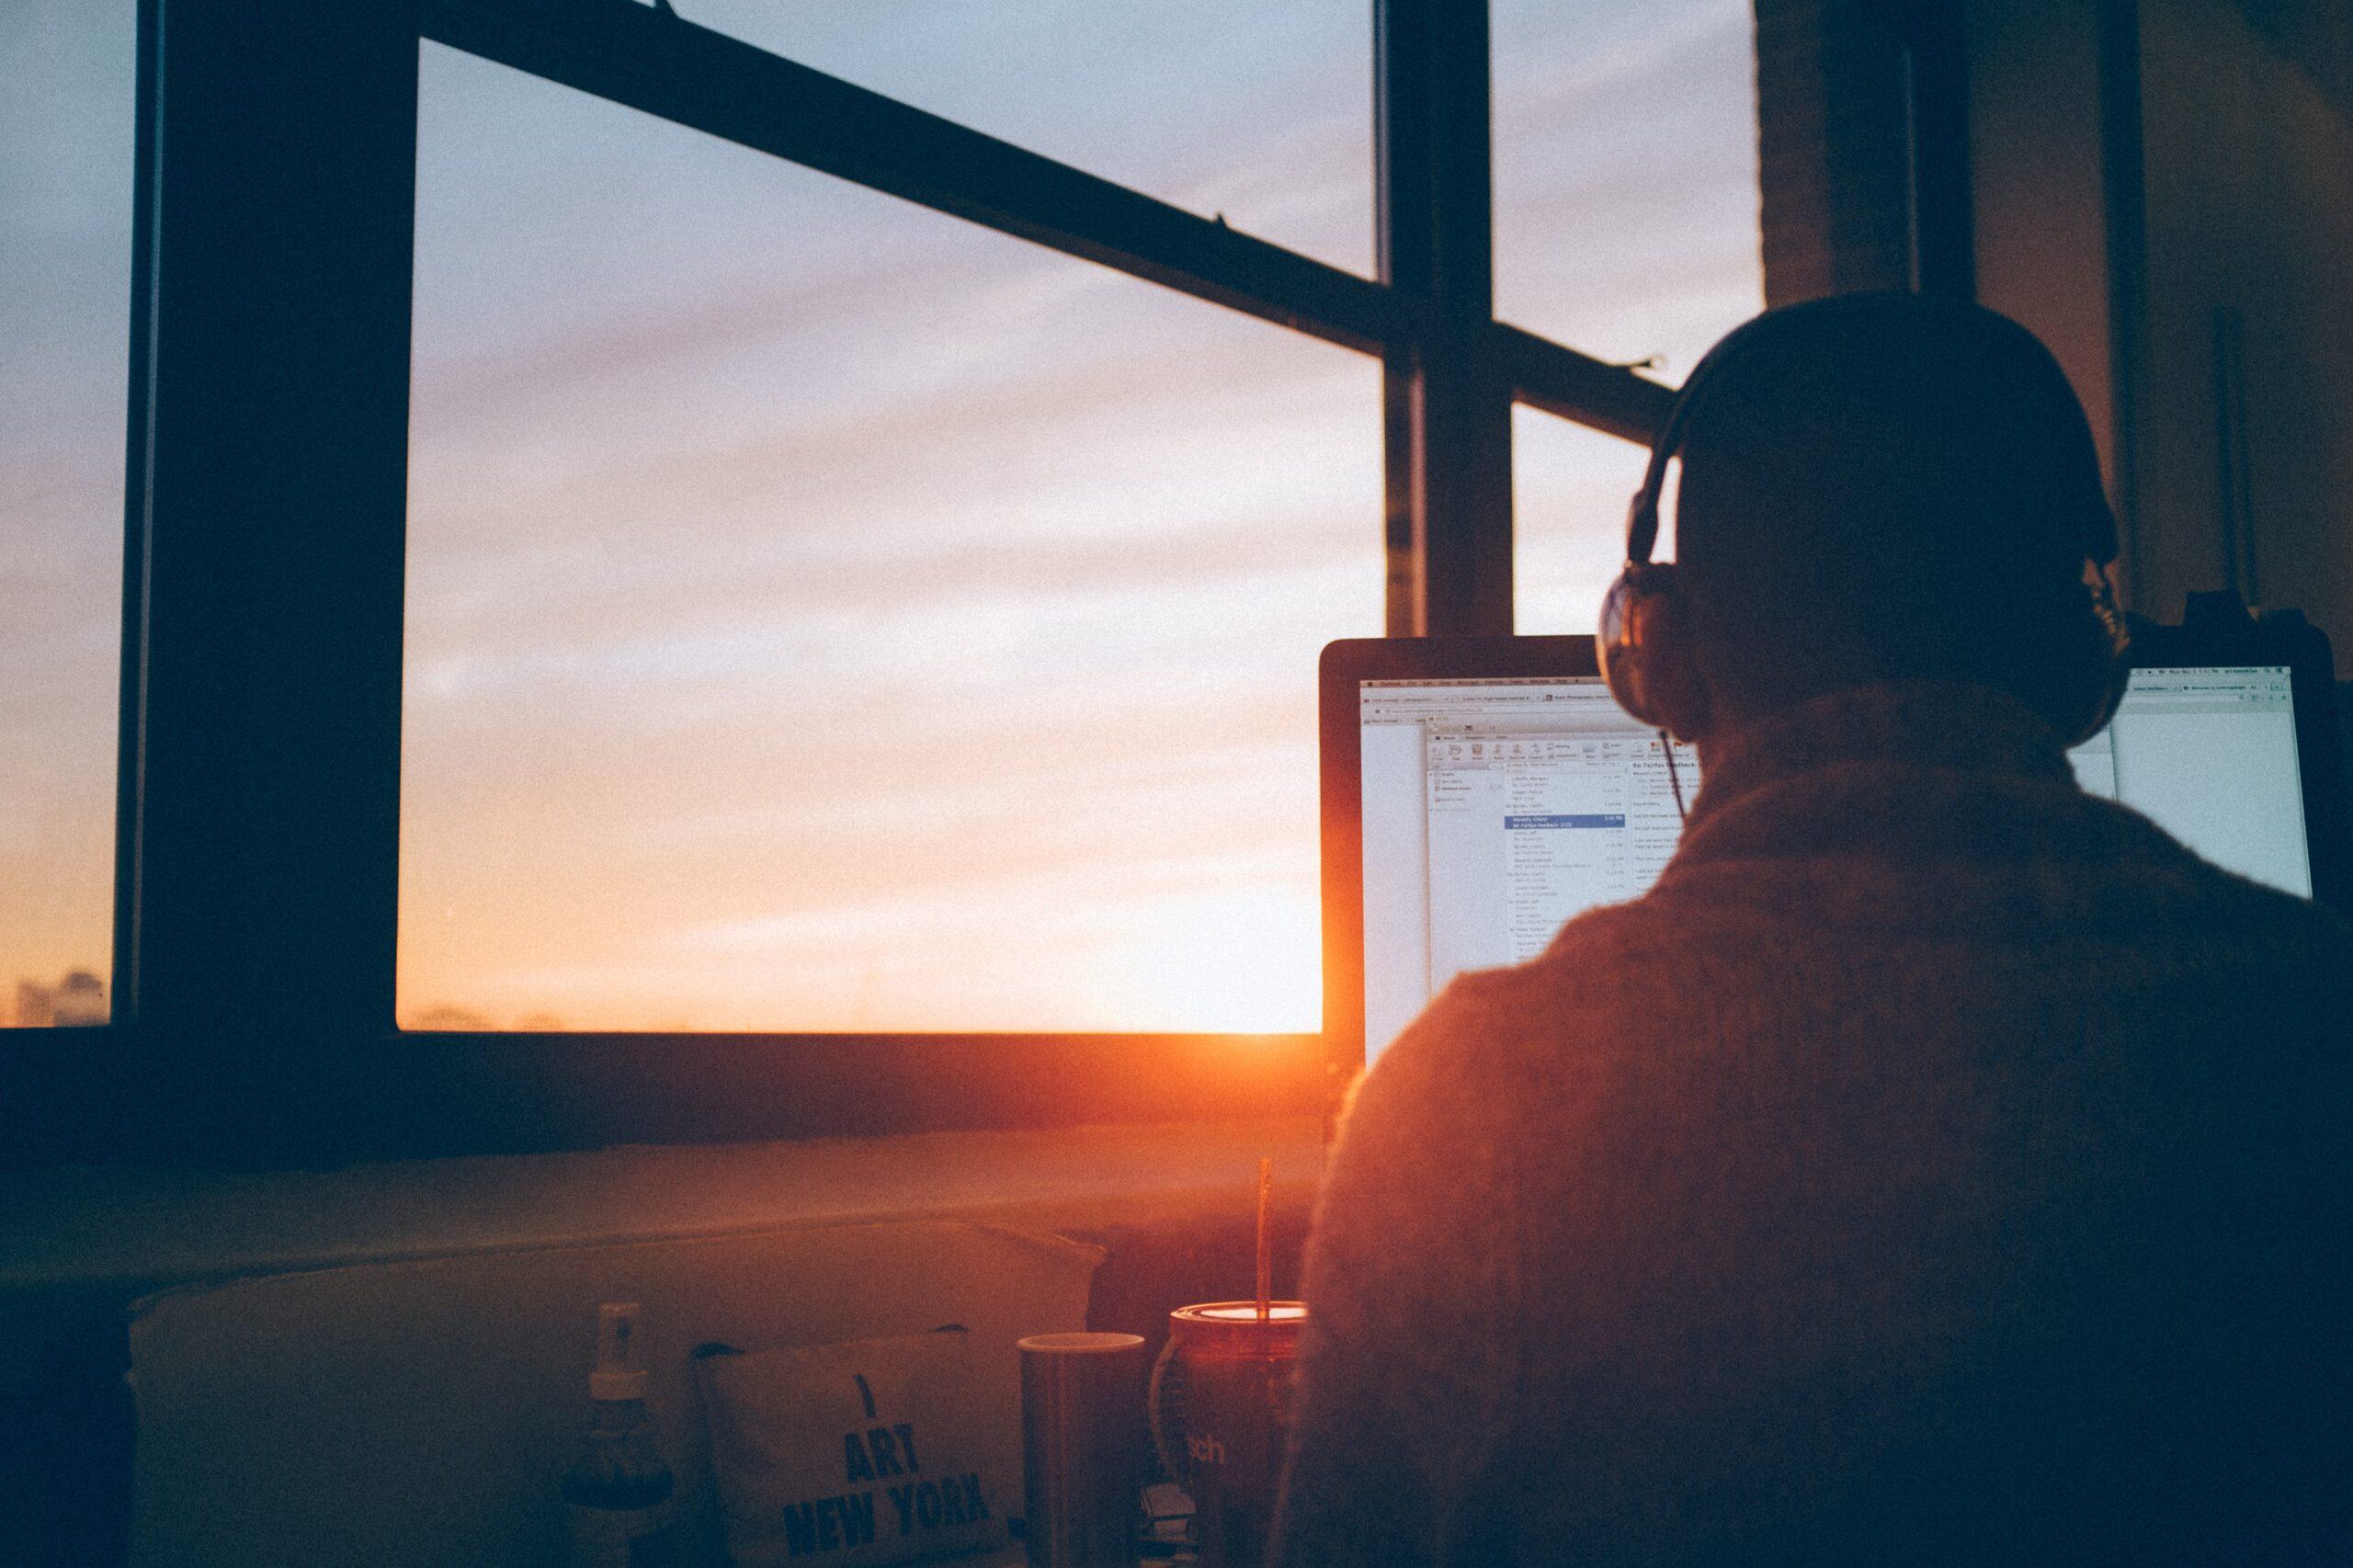 Privacitat en reunions online